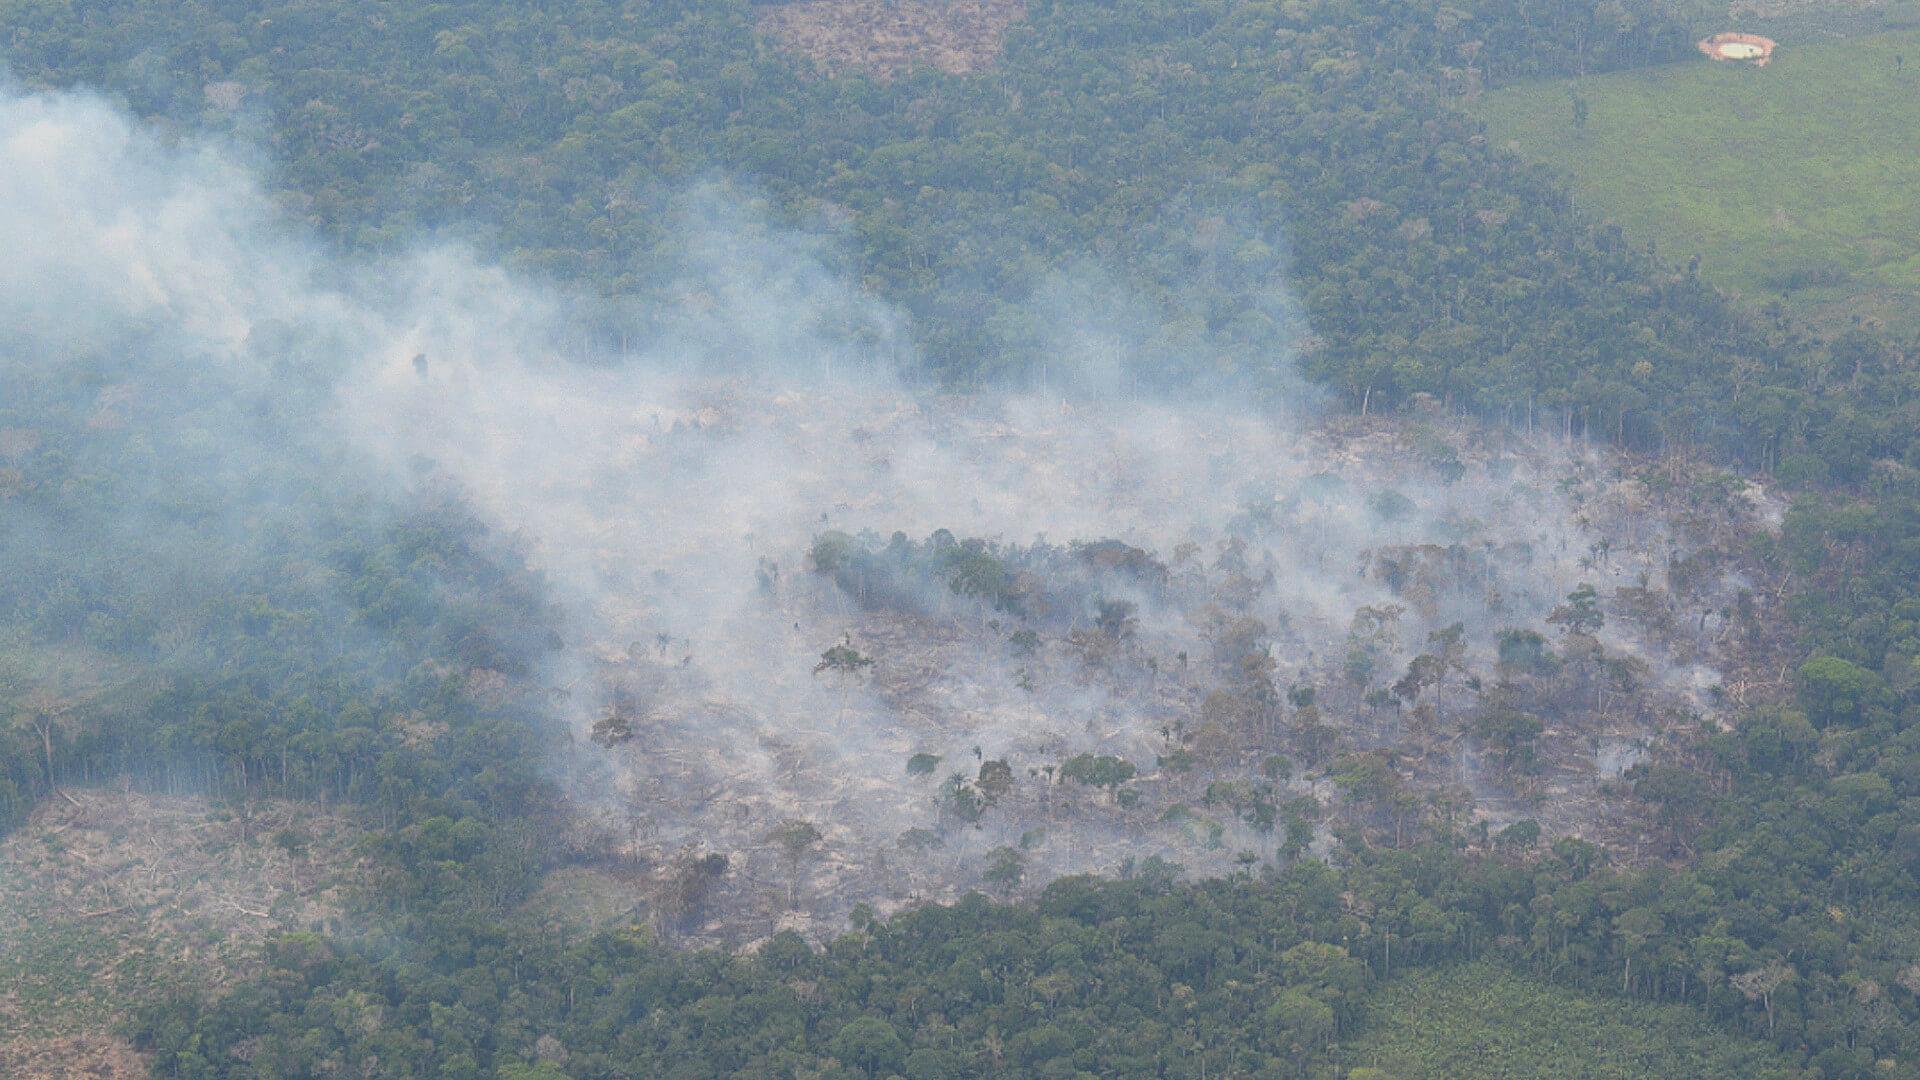 Ni el confinamiento frenó la mala calidad del aire y los incendios forestales